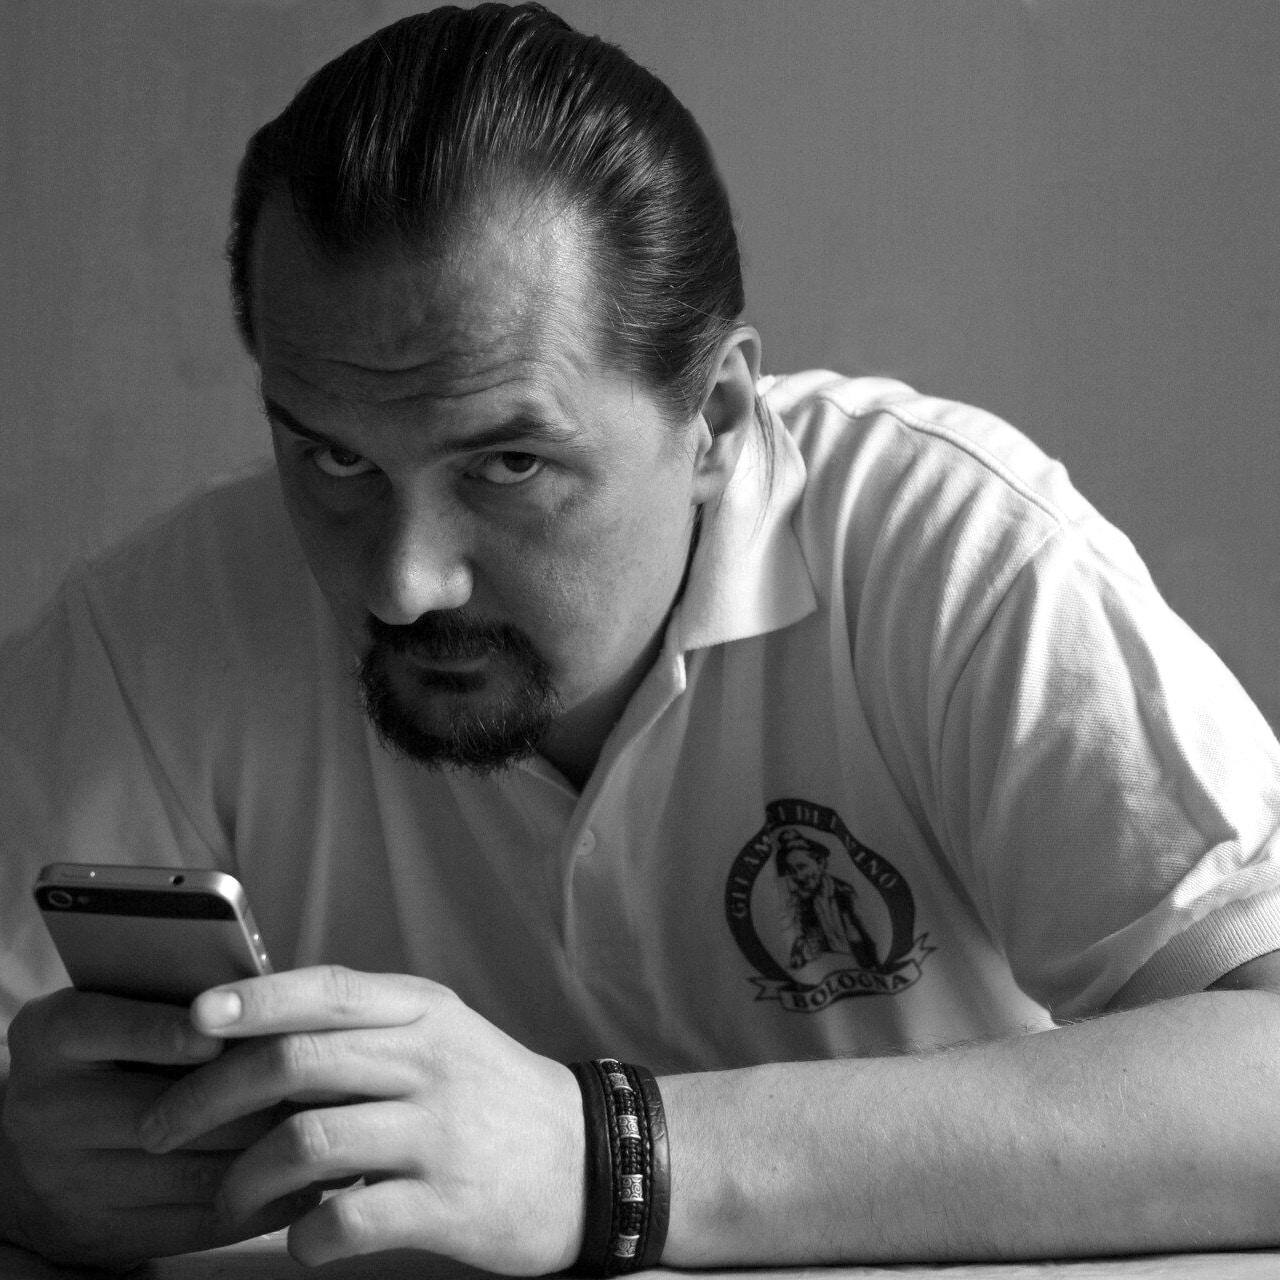 Go to Roman Nasonov's profile